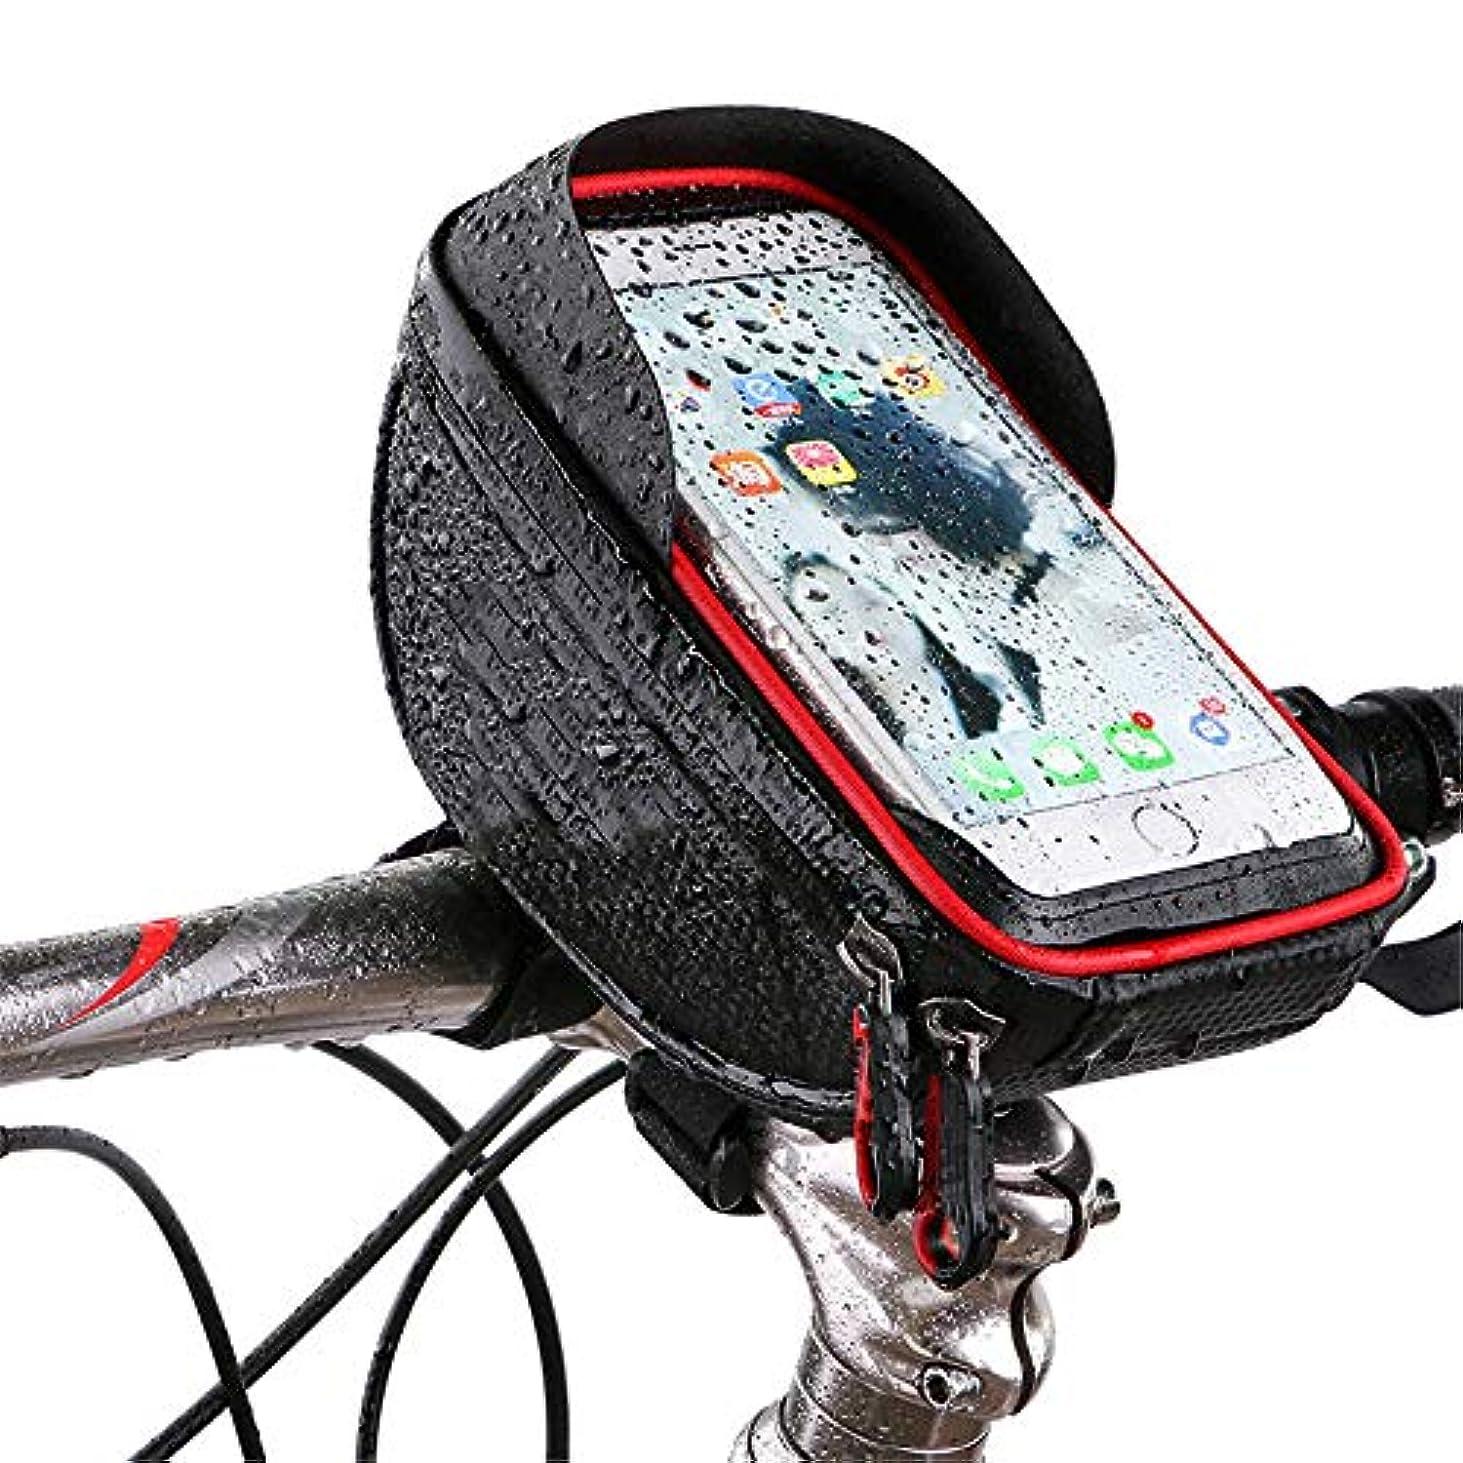 必要動物園中絶自転車防水タッチスクリーン携帯電話バッグマウンテンバイクフロントビームバッグ - 自転車サドルバッグに乗っている間に充電することができます サイクリングバッグ防水 (色 : 赤)